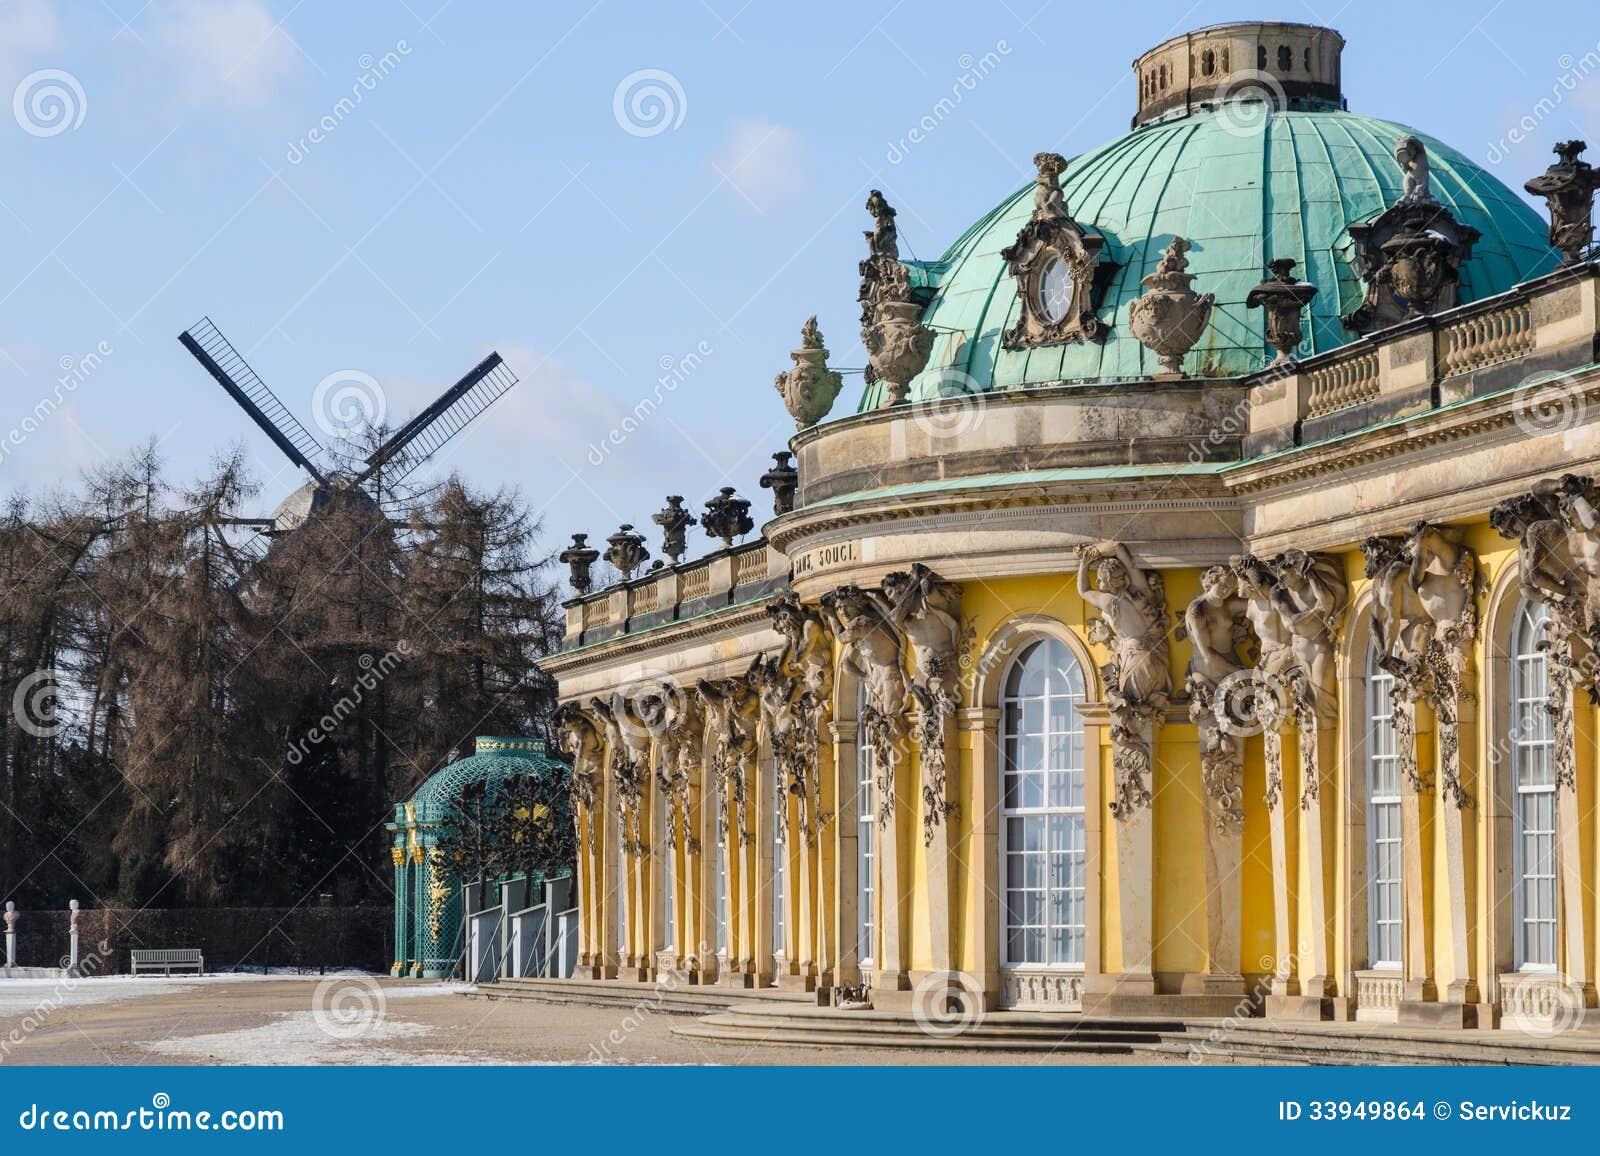 Koninklijk paleis sanssouci in potsdam stock afbeeldingen afbeelding 33949864 - Koninklijk kunstpaleis ...